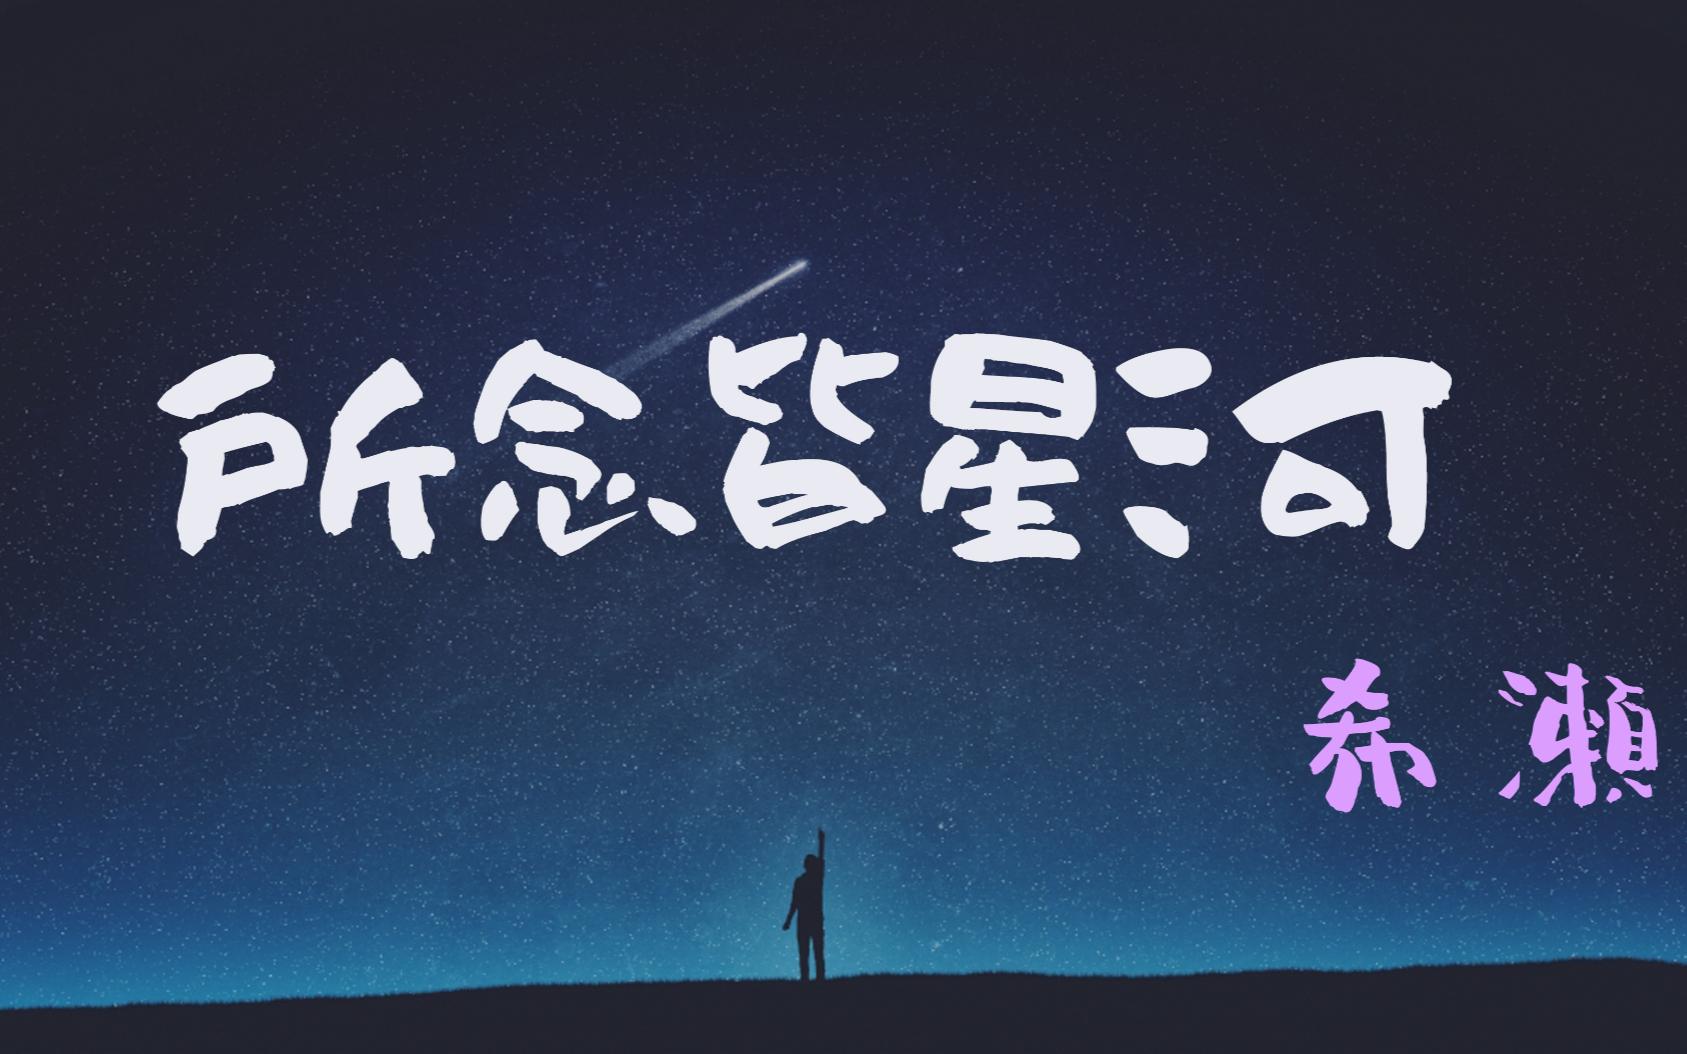 【希濑】所念皆星河